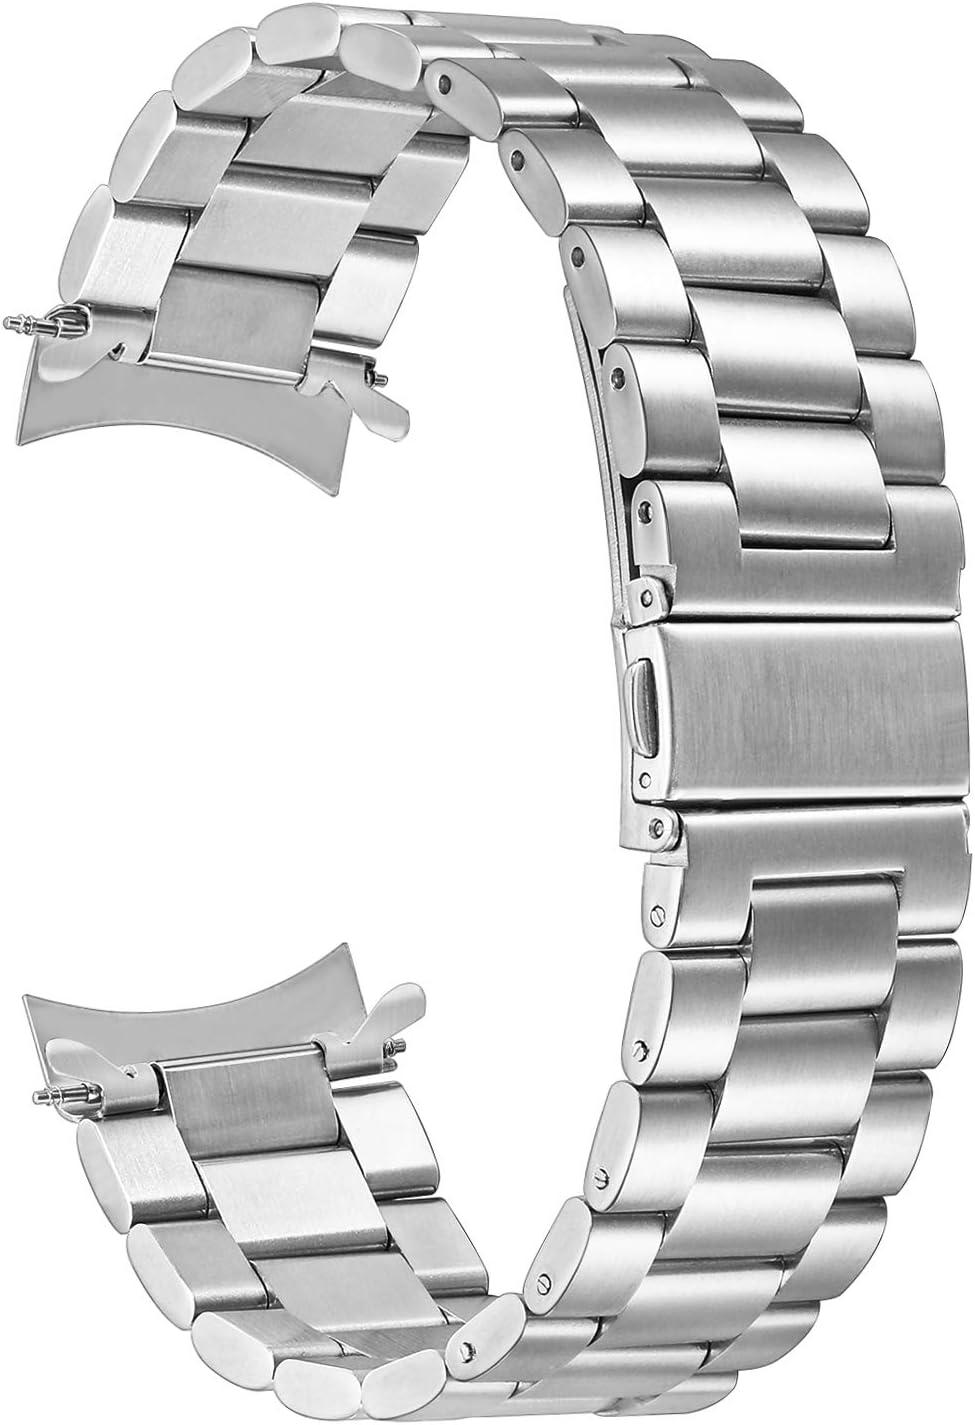 TRUMiRR Samsung Gear S3 Reloj Correa, 22mm Banda de Reloj Milanese Loop Correa magnetica de Bloqueo para Samsung Gear 2 R380 R381 R382, Moto 2 360 46mm, Pebble Time/Steel, Huawei Watch 2 (Classic)